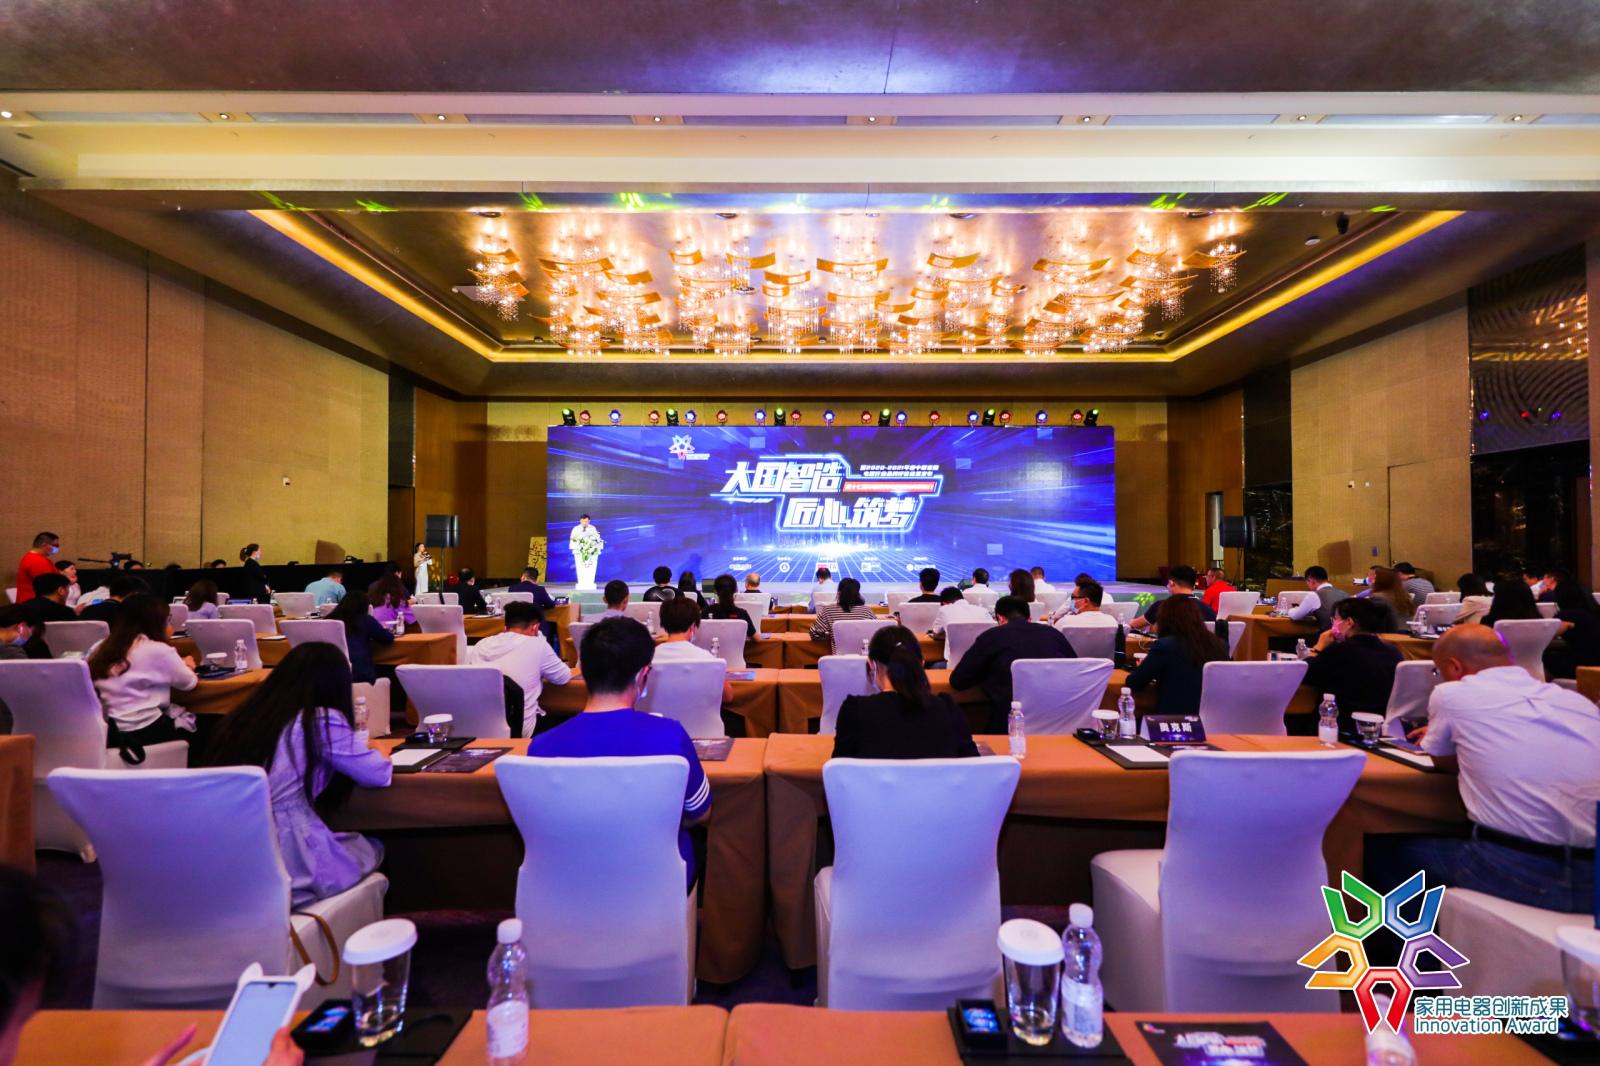 大国智造 匠心筑梦:第十七届中国家用电器创新成果发布盛典成功召开